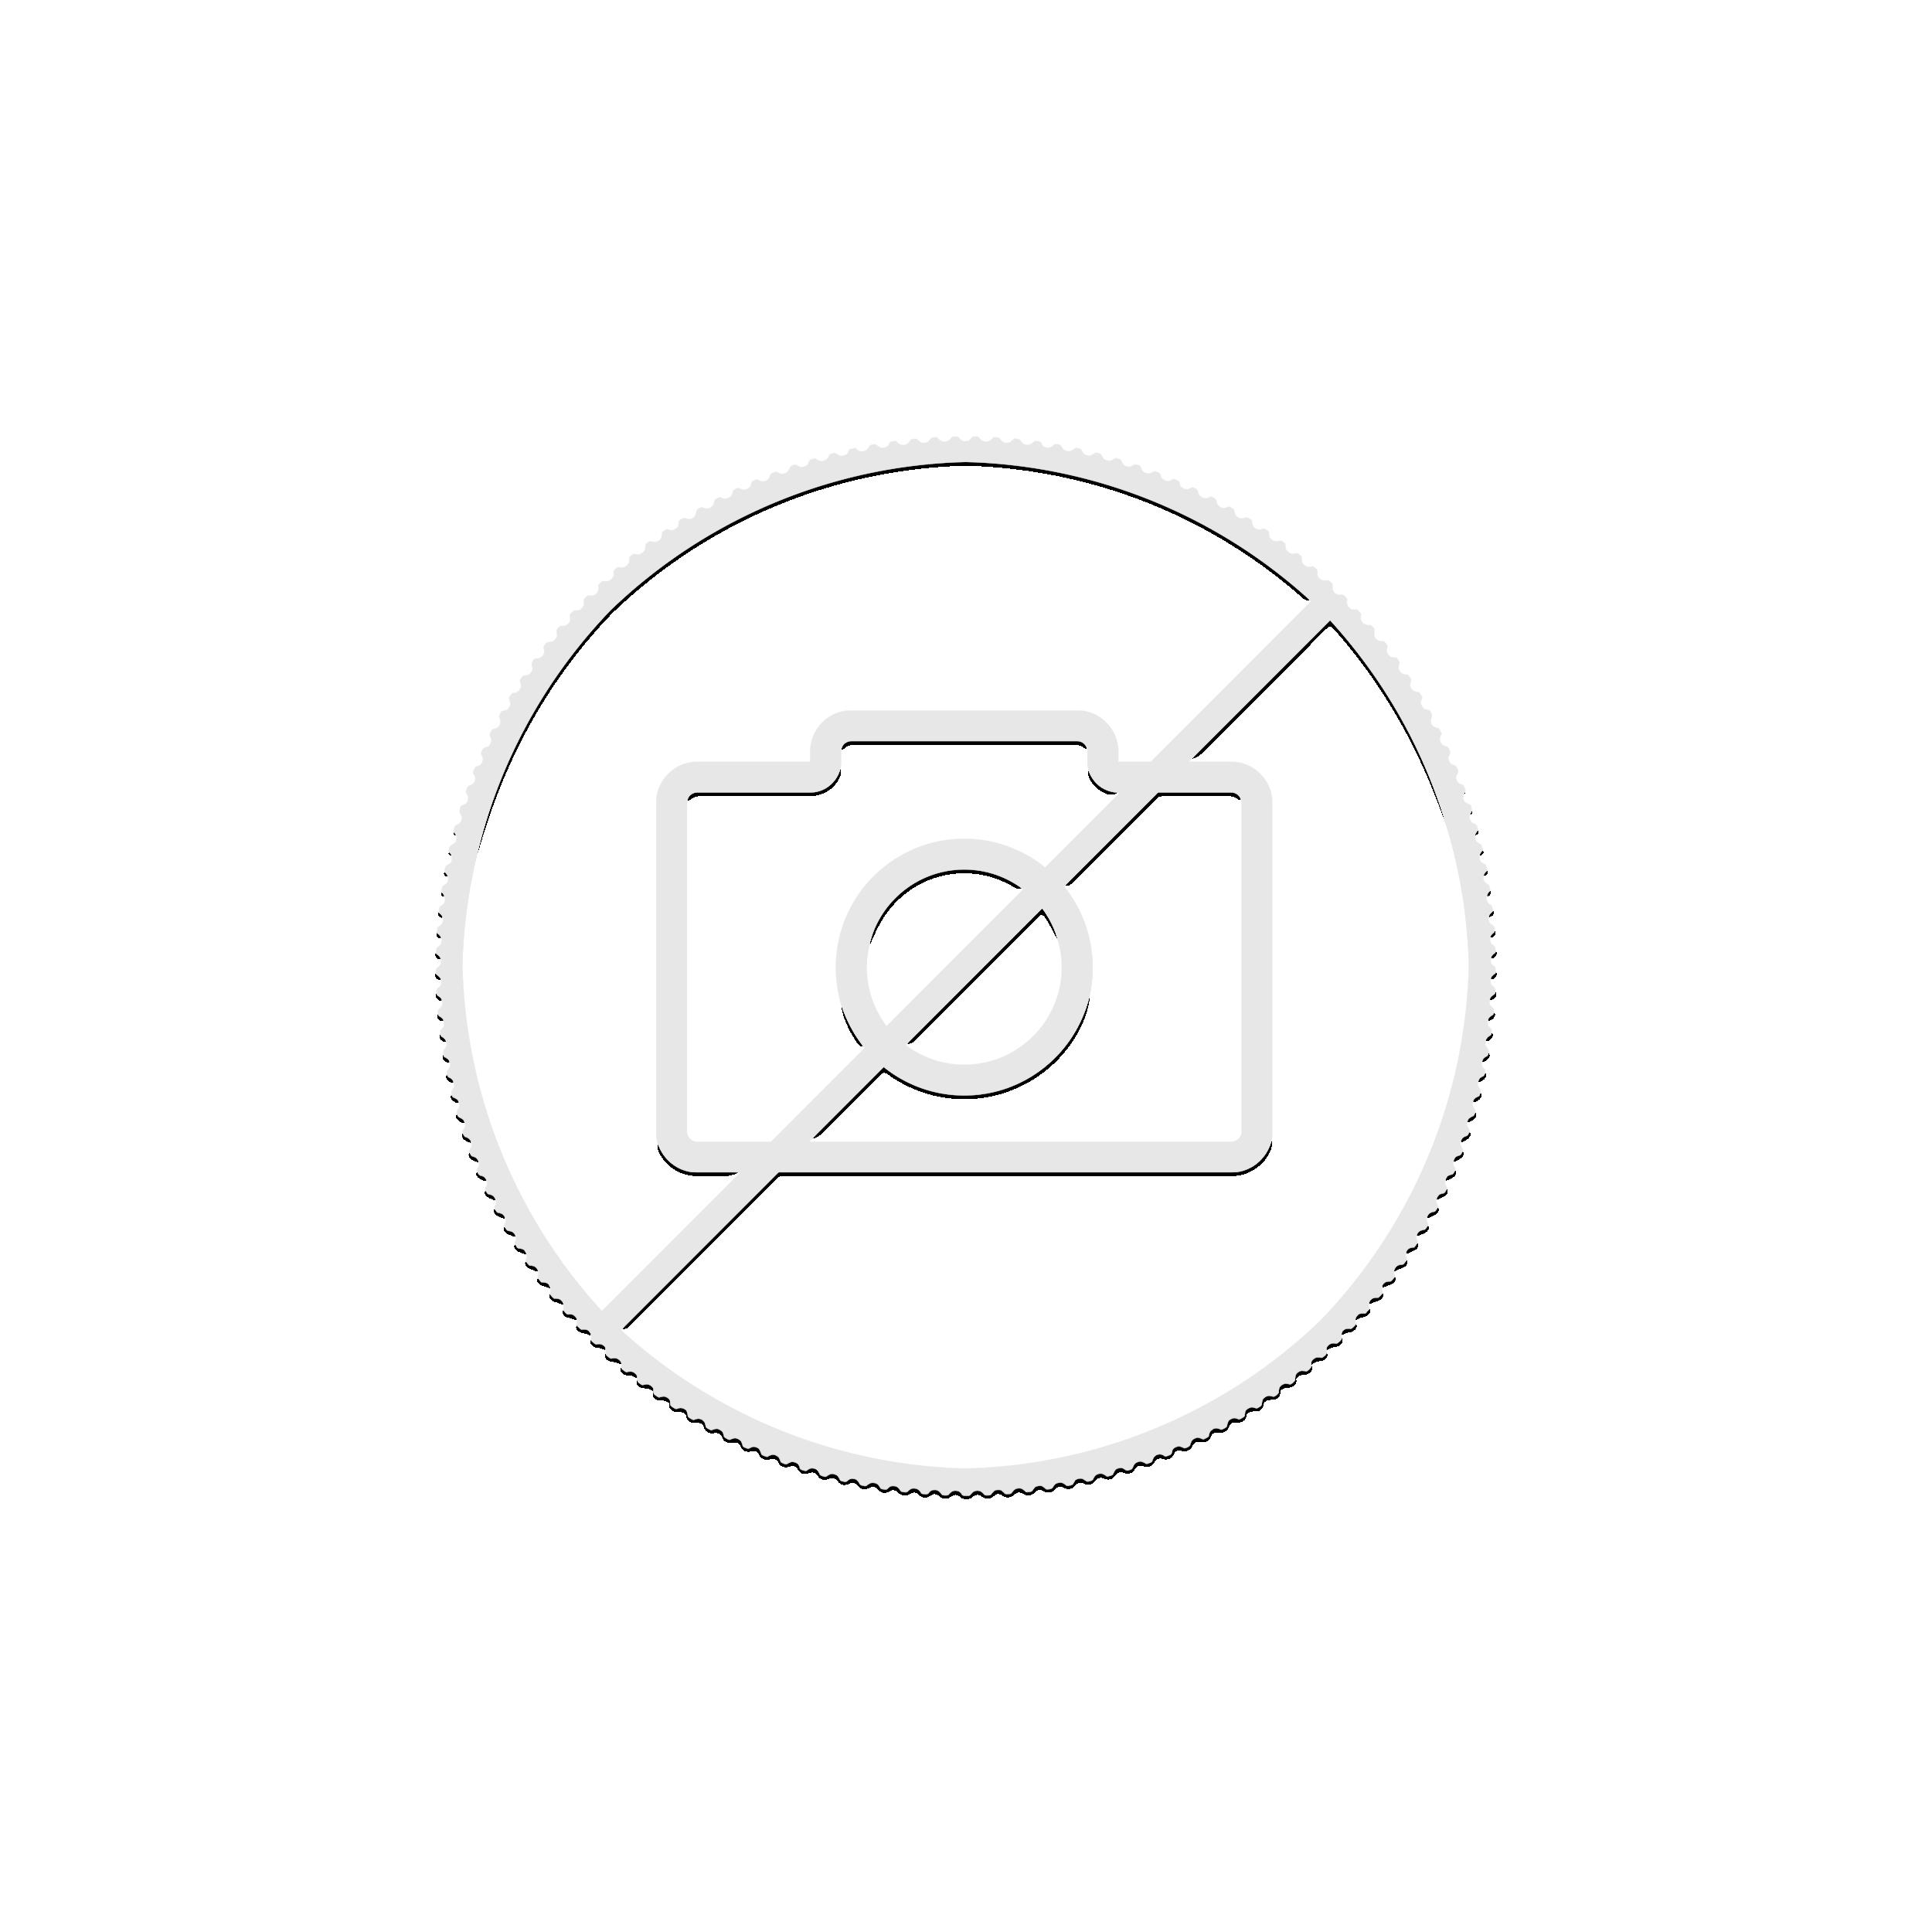 2 troy ounce zilveren munt Ne Zha zoon van de drakenkoning 2021